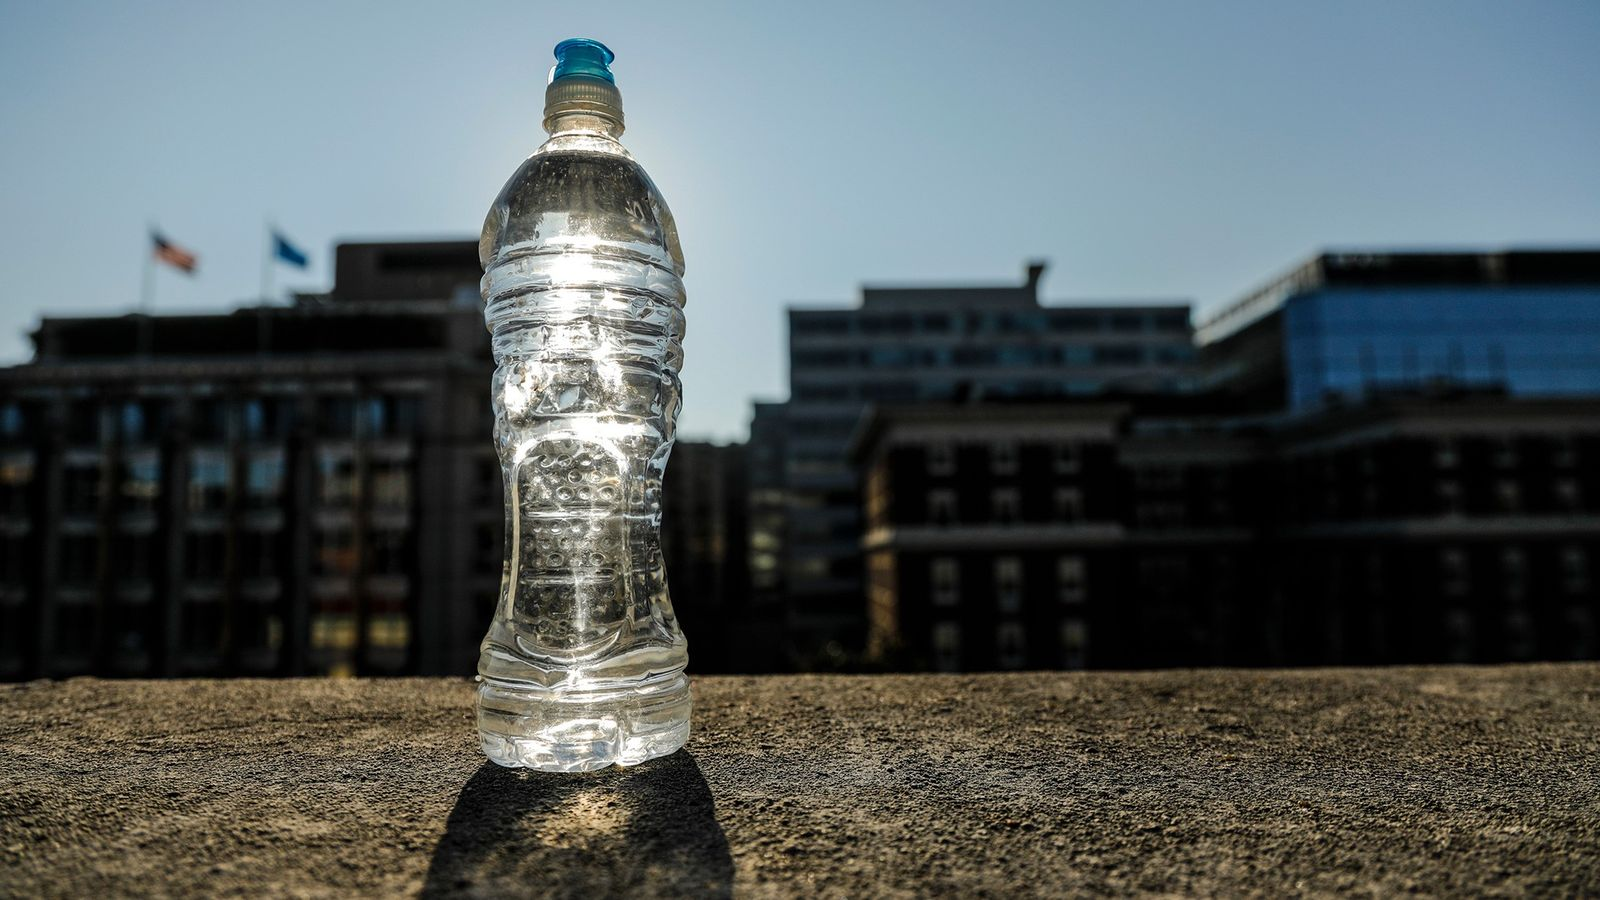 Beber água de uma única garrafa d'água exposta ao sol quente não vai fazer mal, mas ...